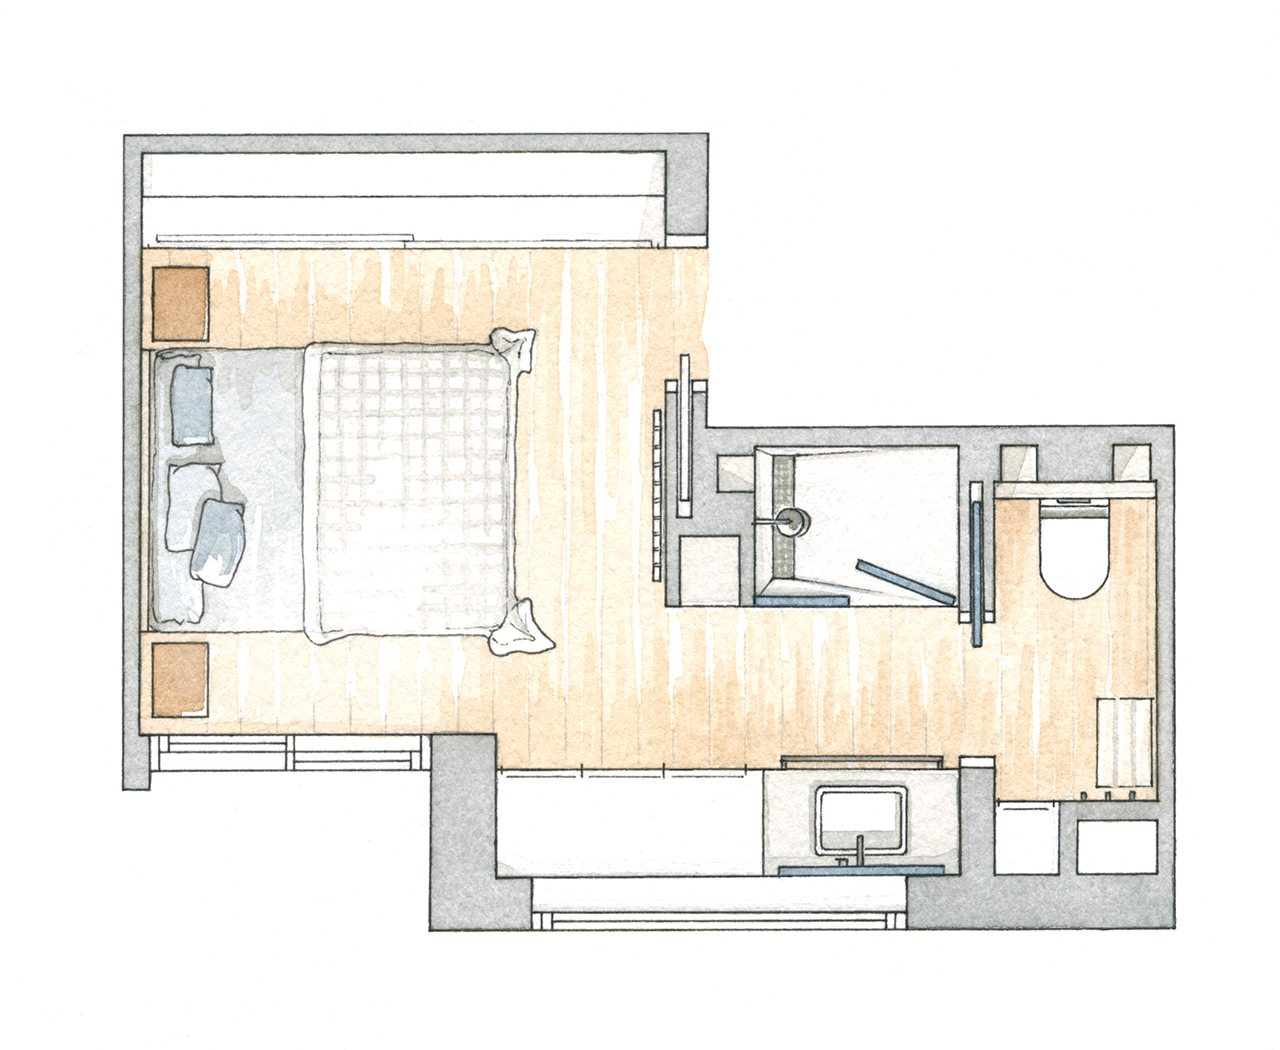 Baños Con Vestidores Planos:Una reforma 10: de desván a suite con baño y vestidor